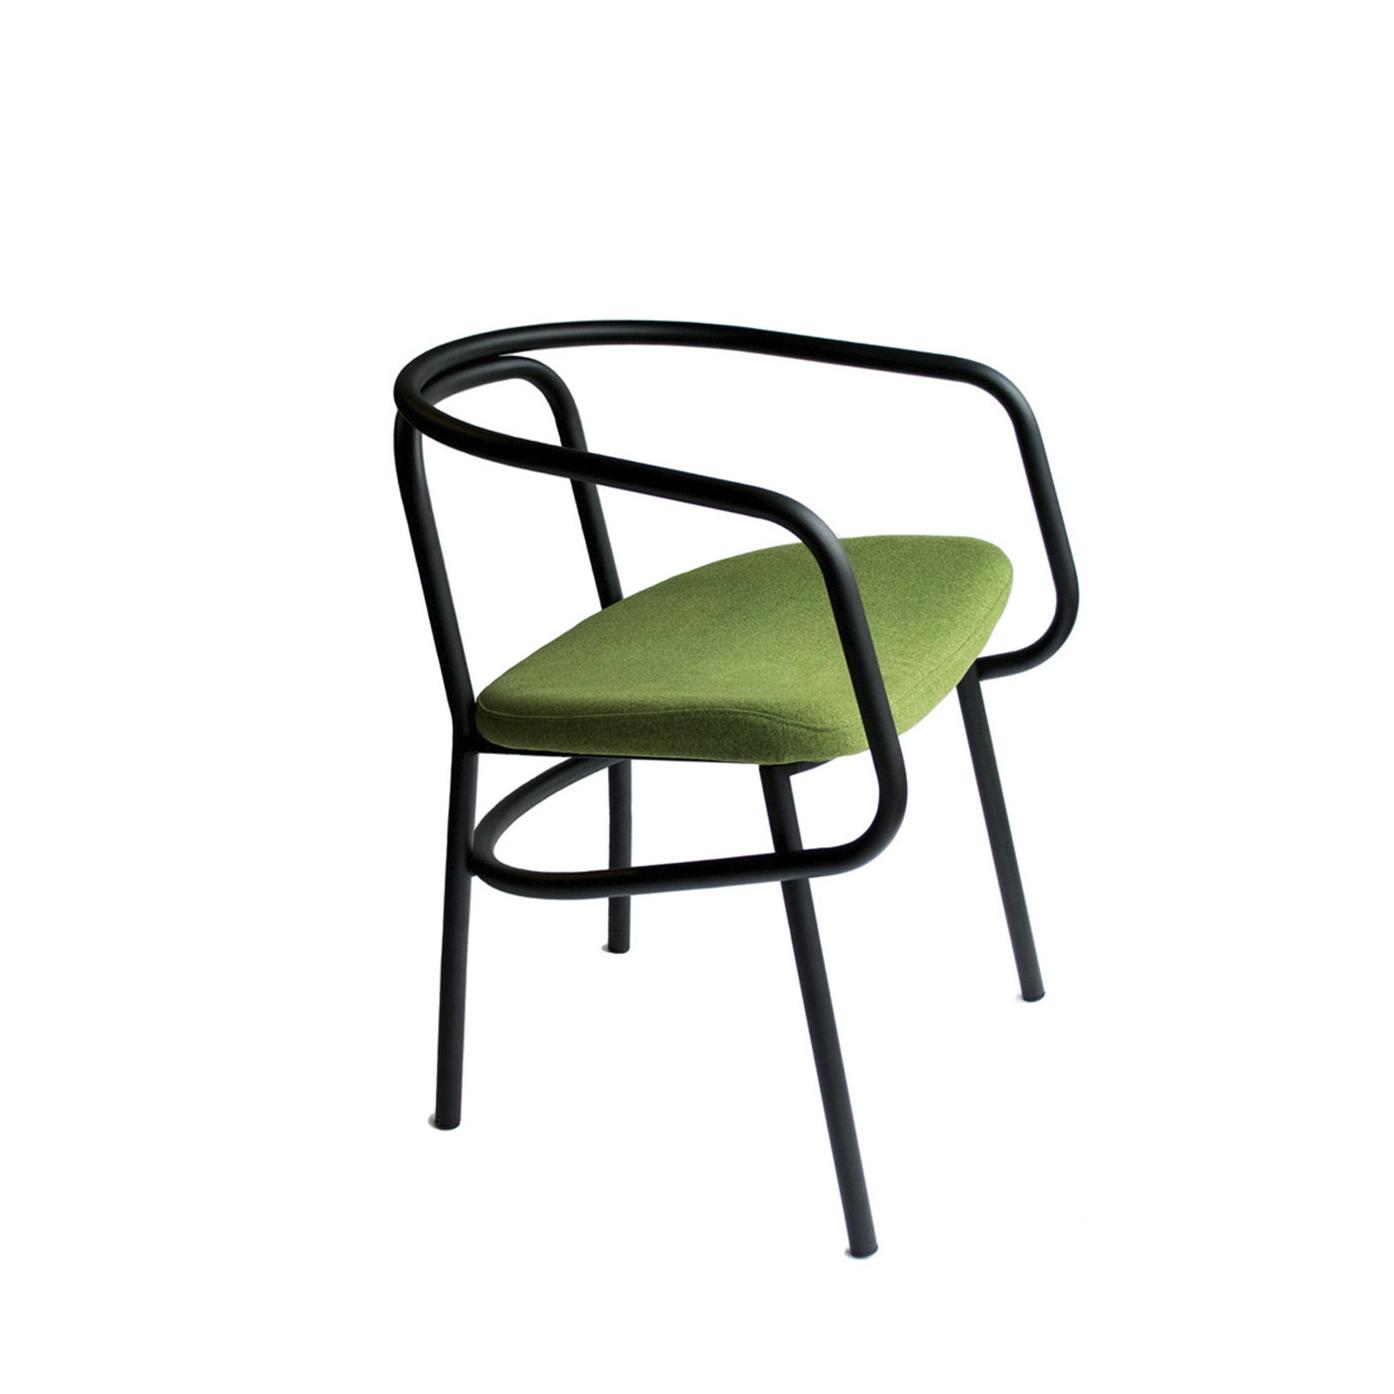 L51++Arm+Chair+DIV12+Version+1+.jpg